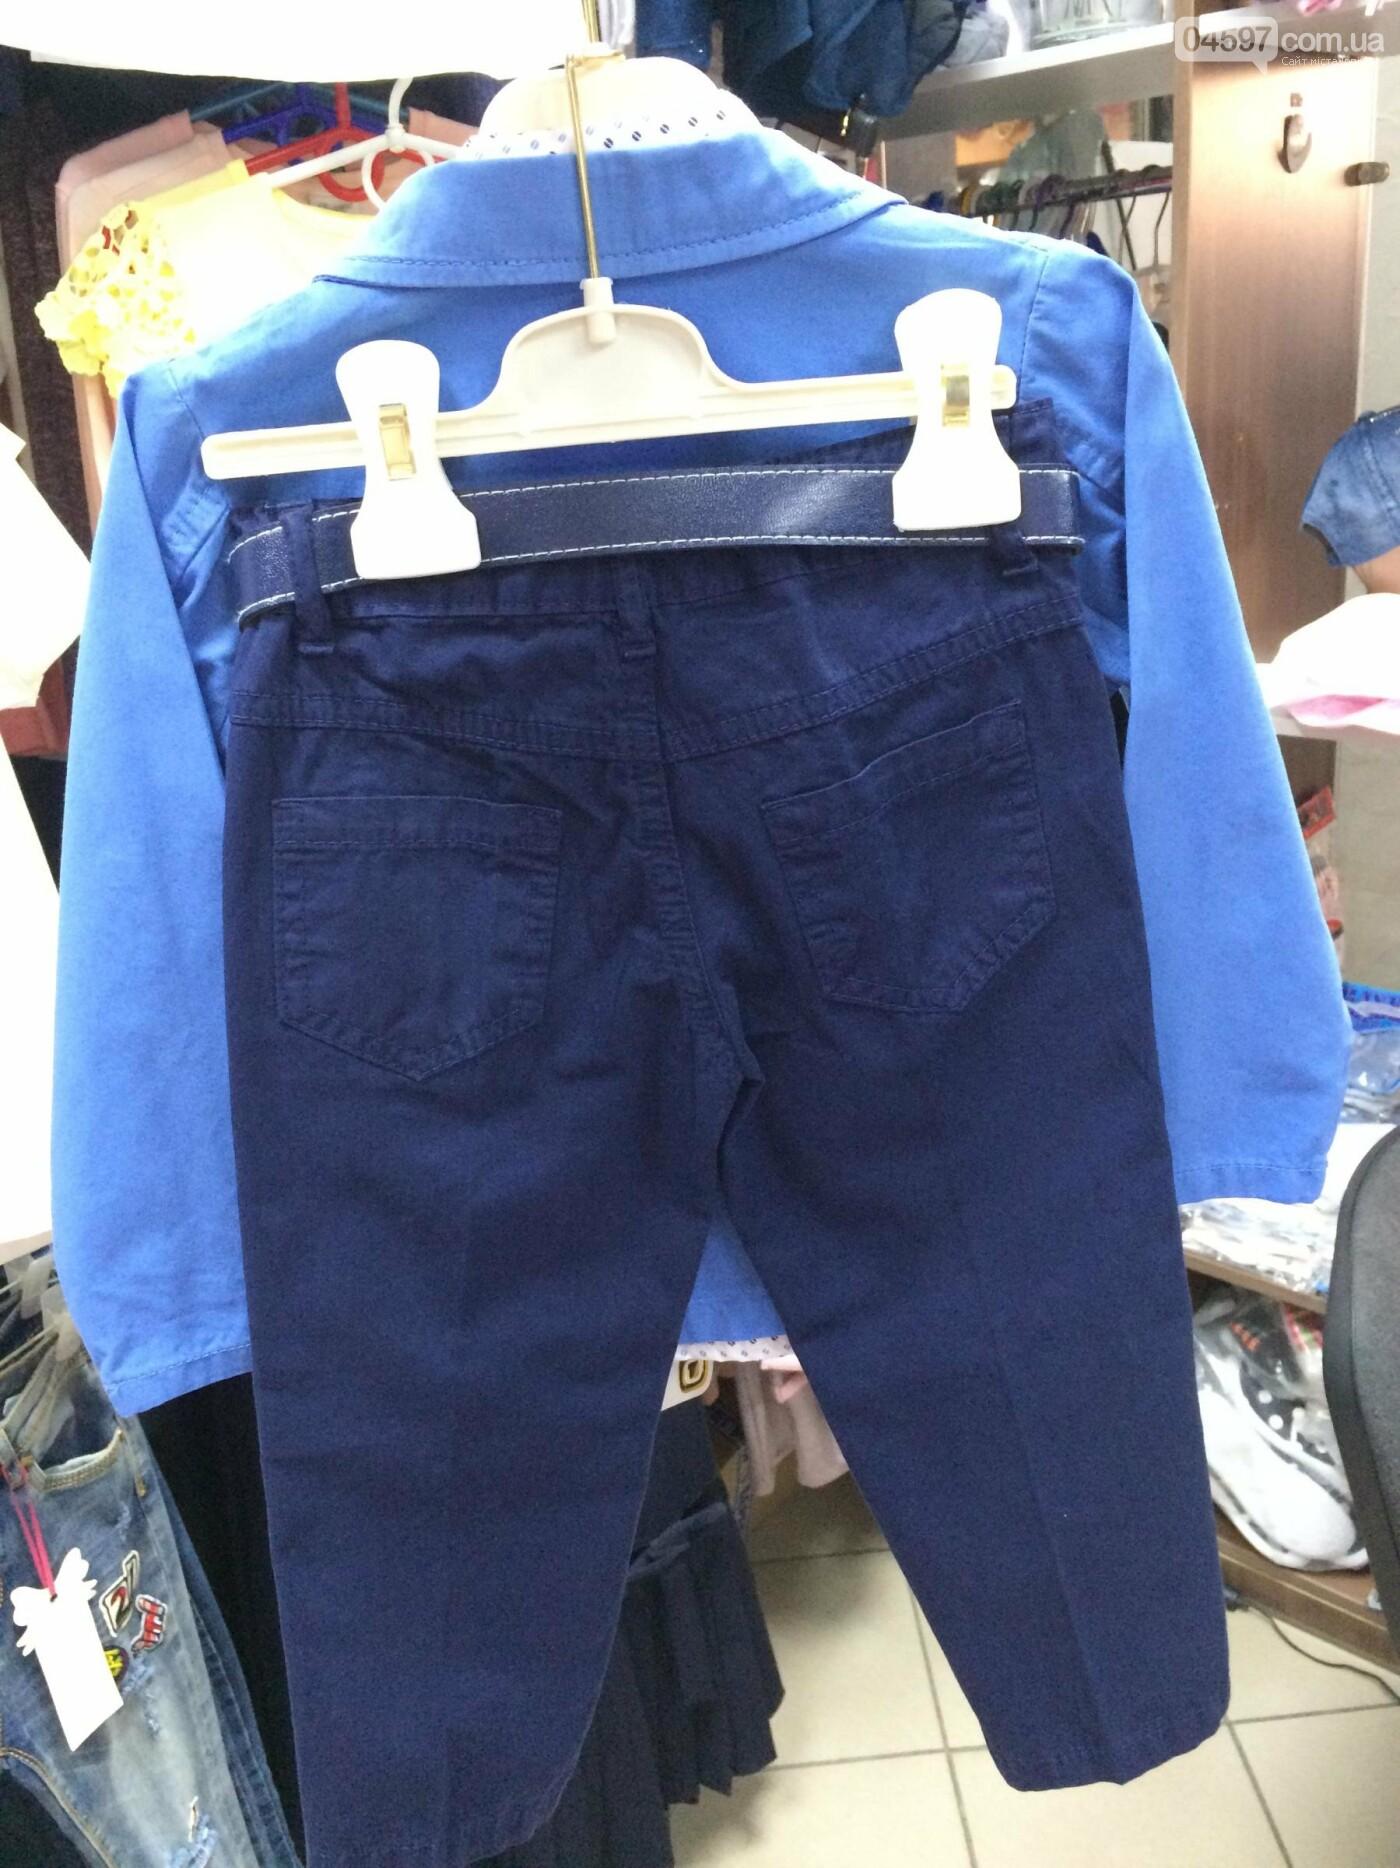 Де купити дитячий одяг в Ірпені: асортимент та ціни, фото-92